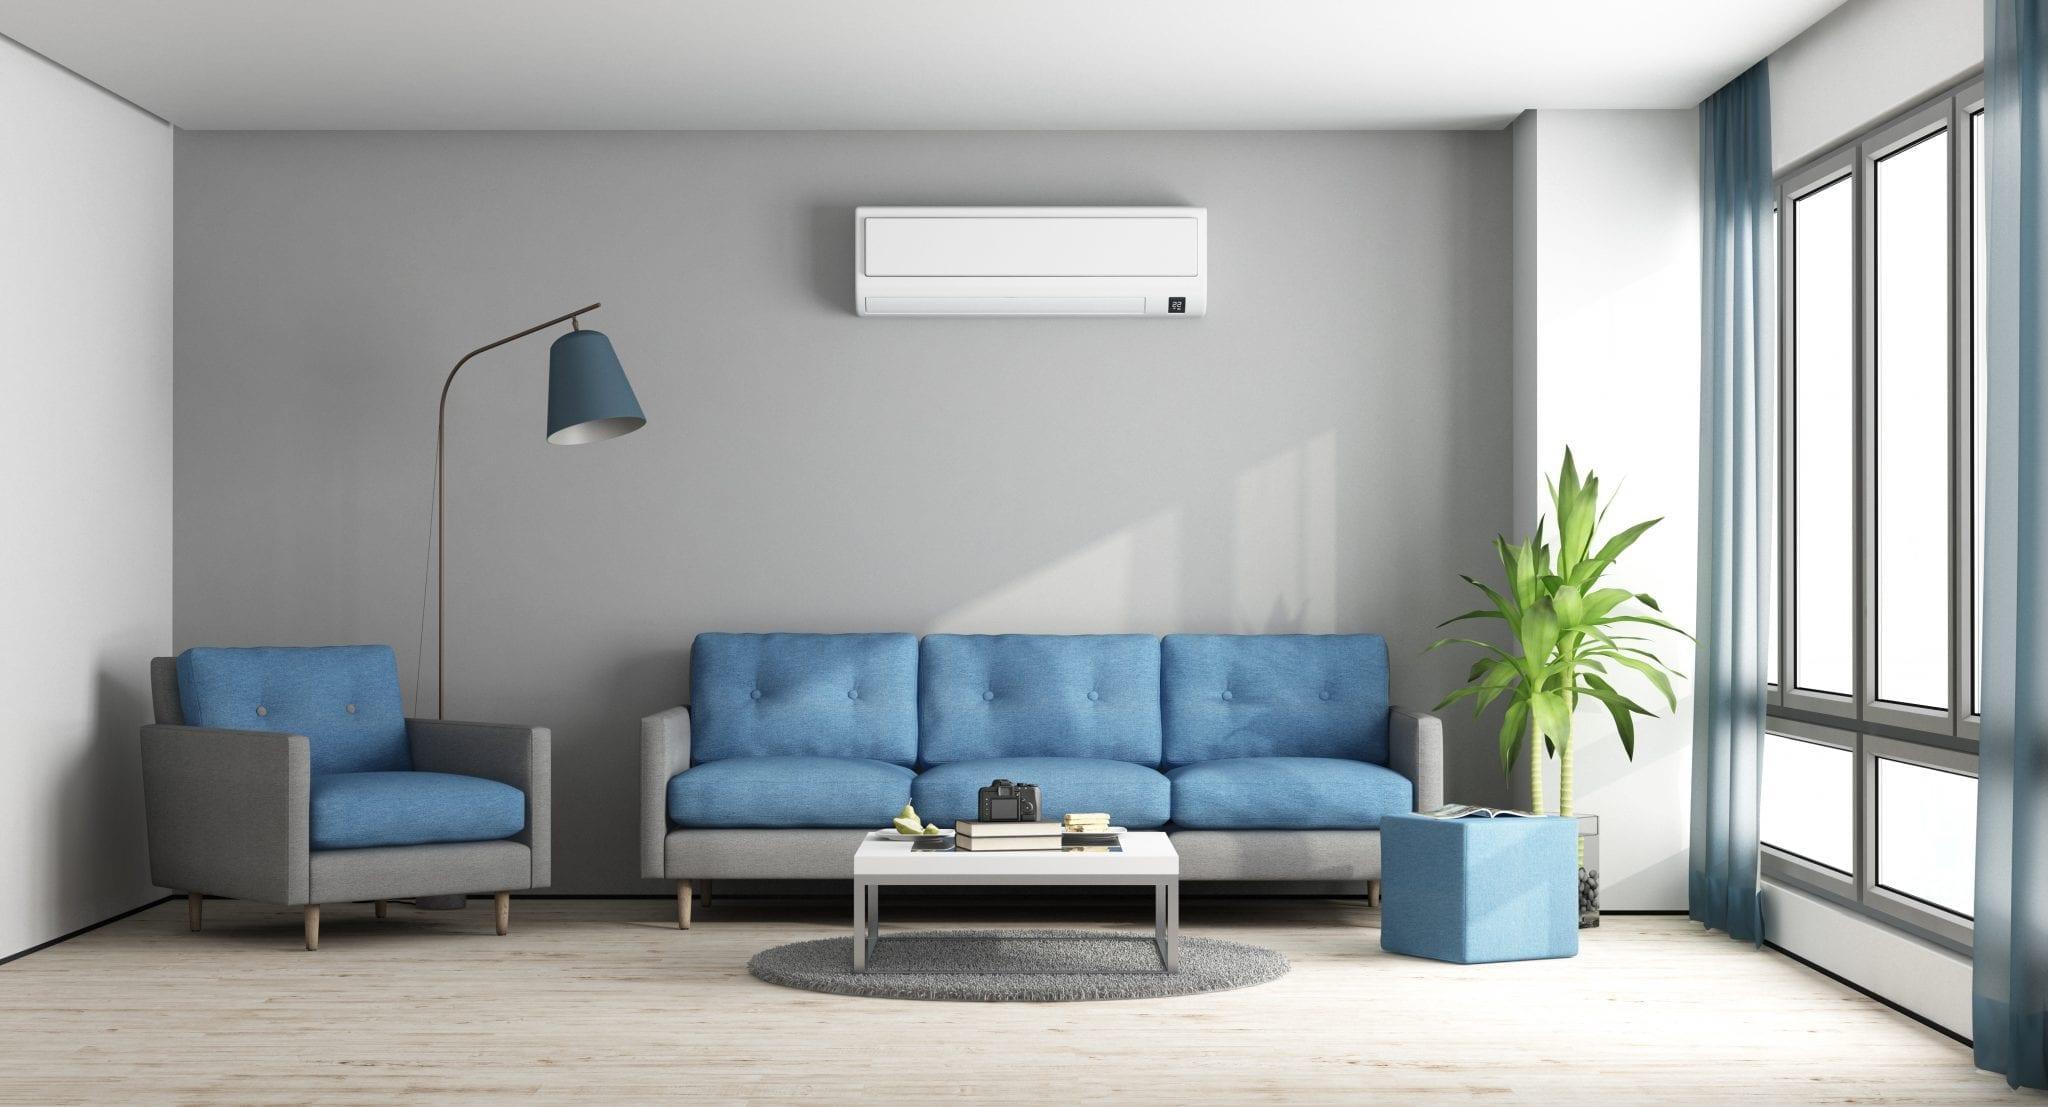 La Thermopompe Murale : Tout ce que vous devez savoir avant d'acheter